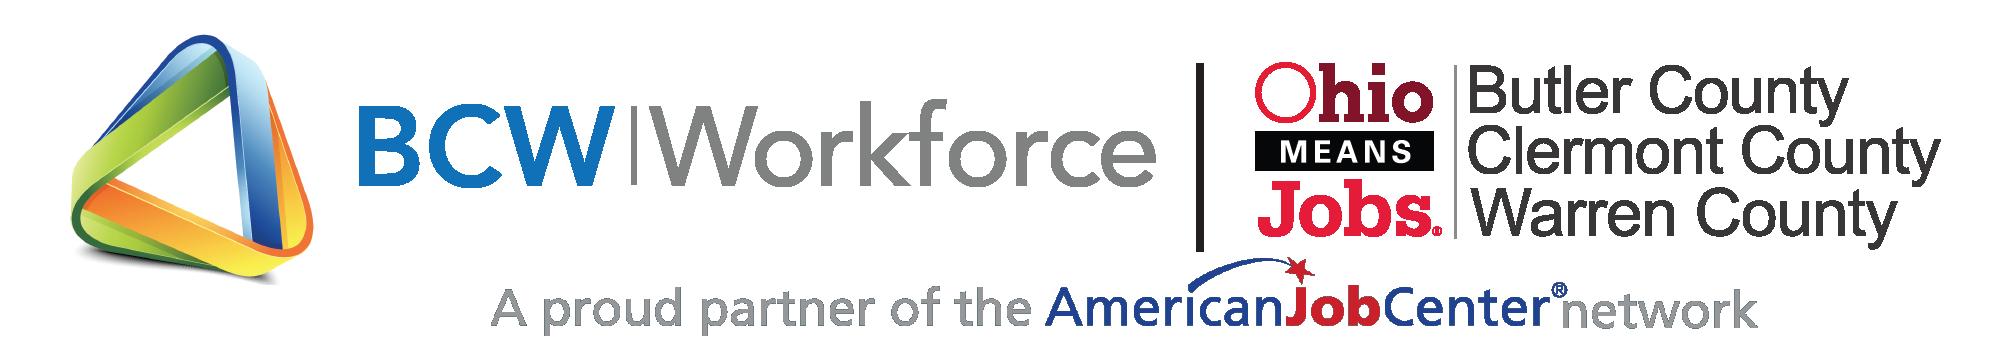 BCW Workforce Logo